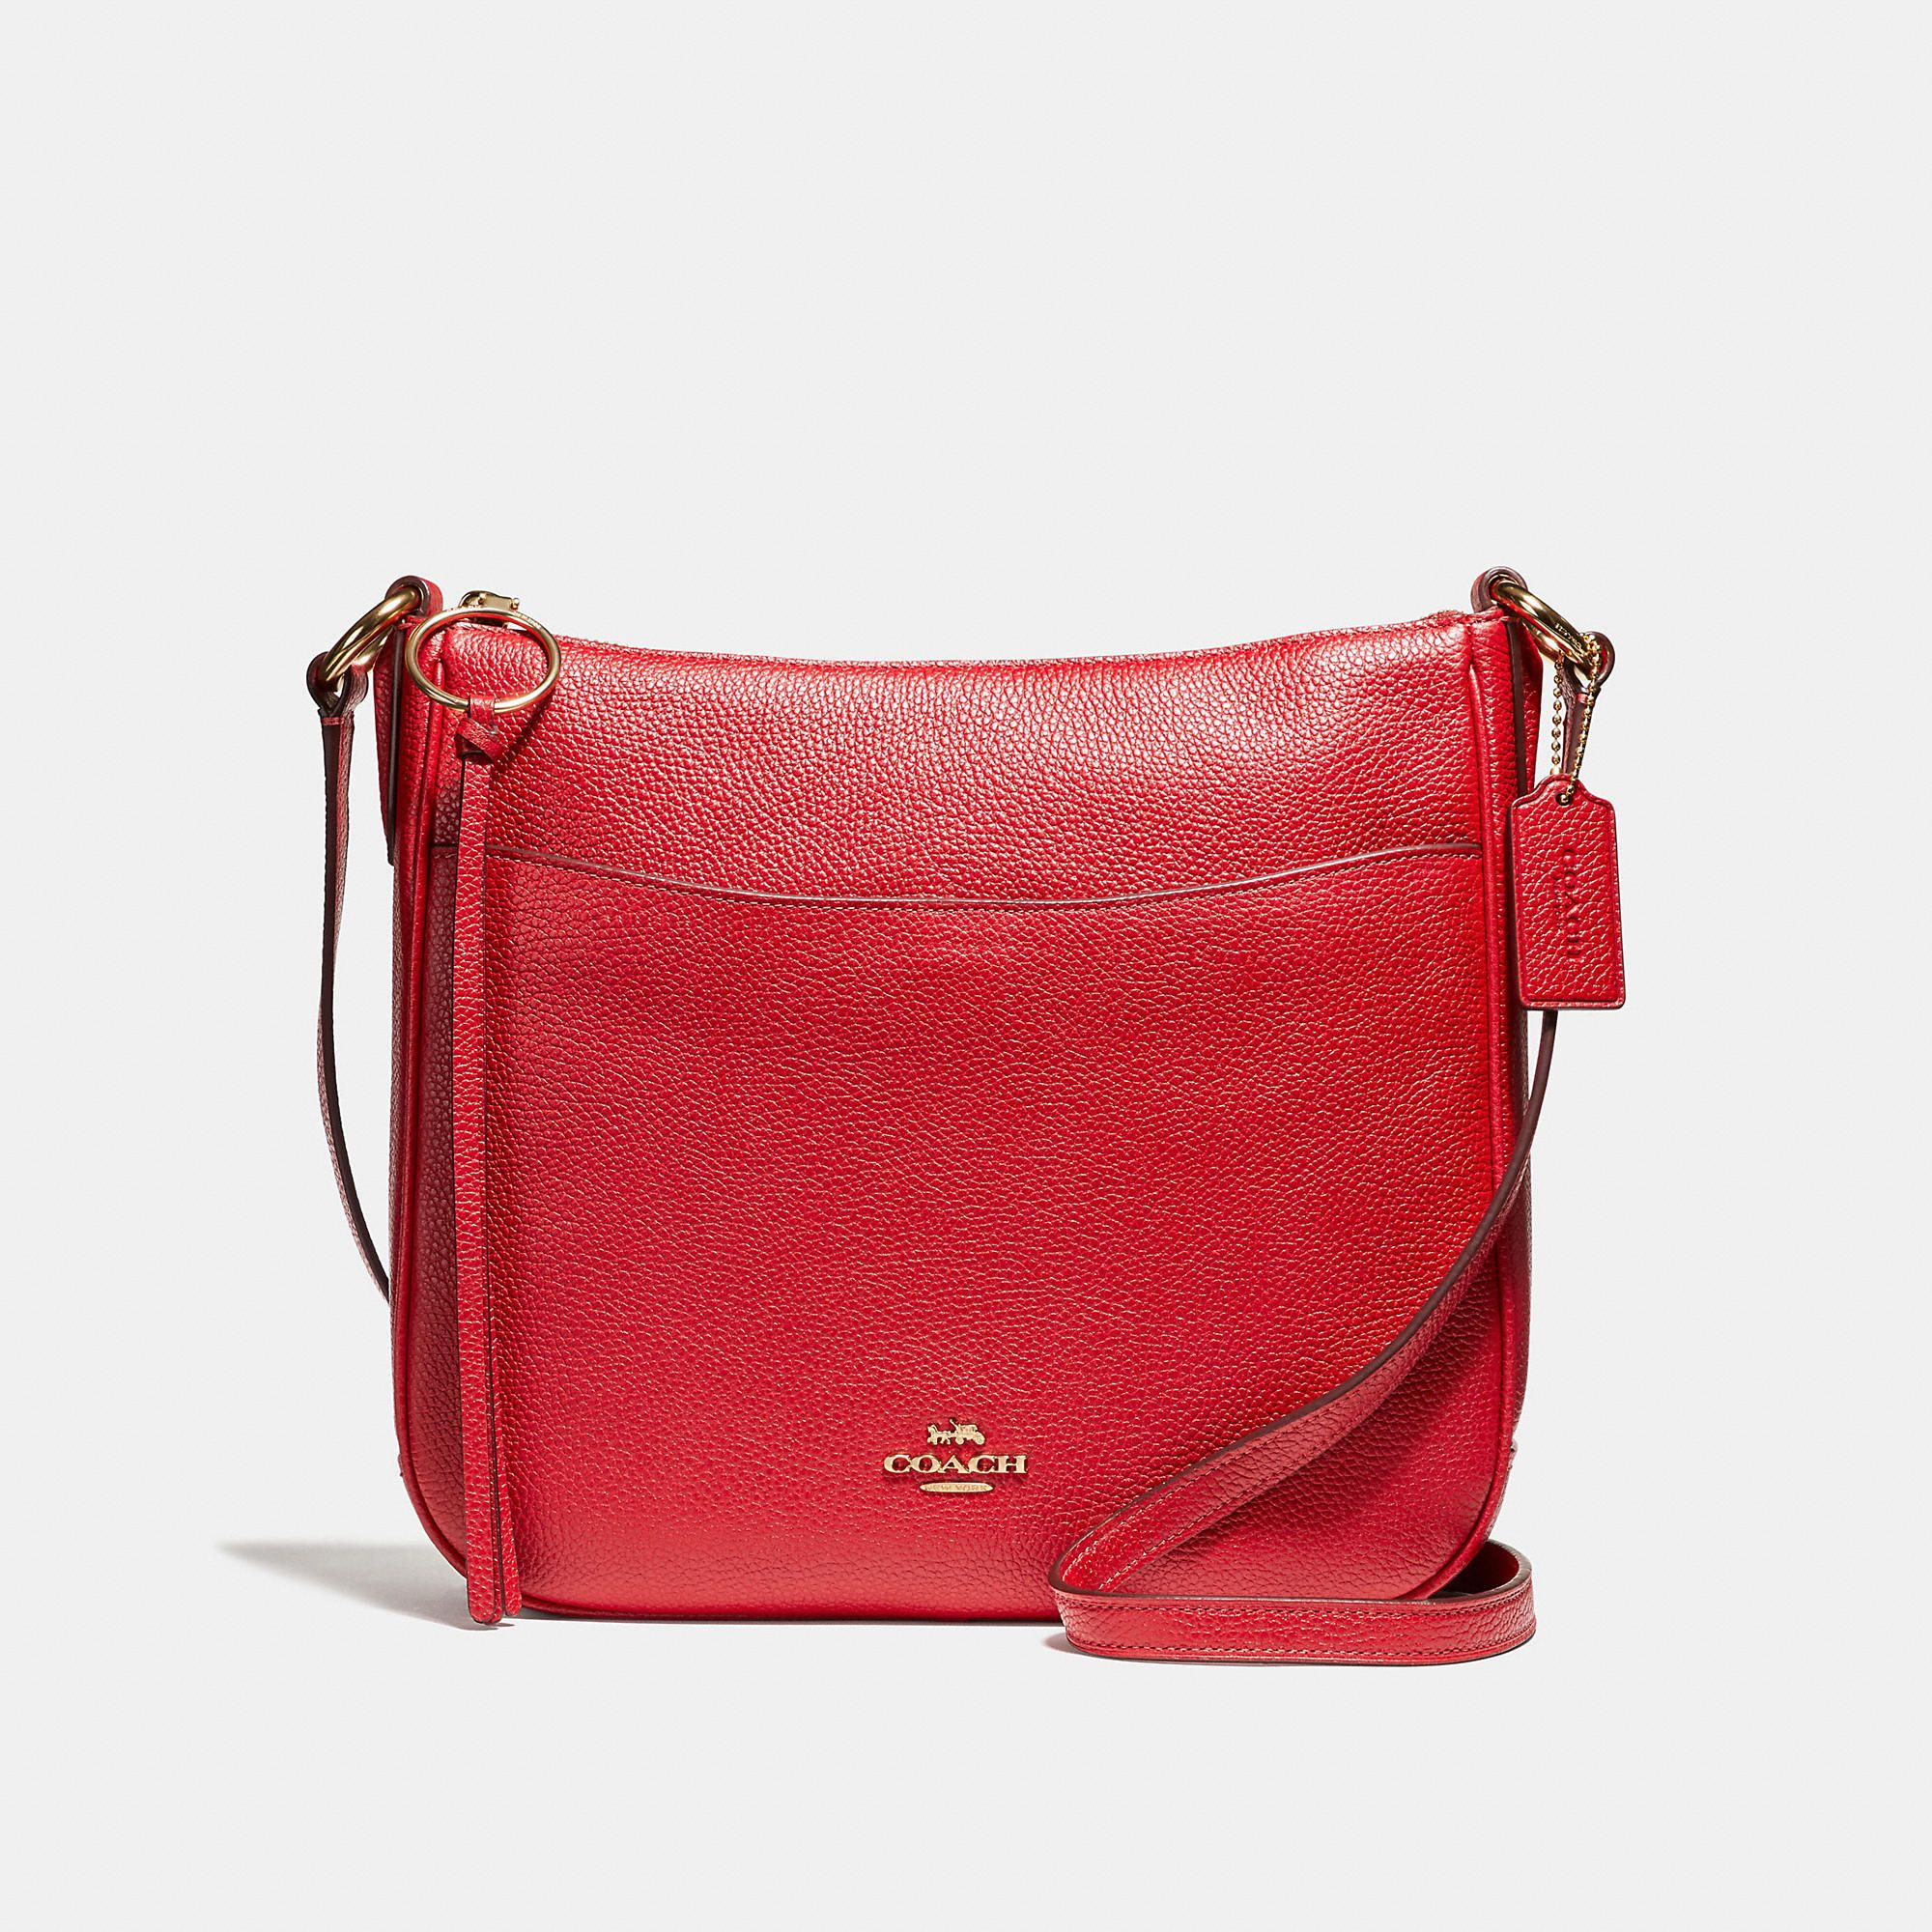 dad9afcc37f513 Coach Chaise Crossbody | Products | Minimalist bag, Bags, Handbag ...